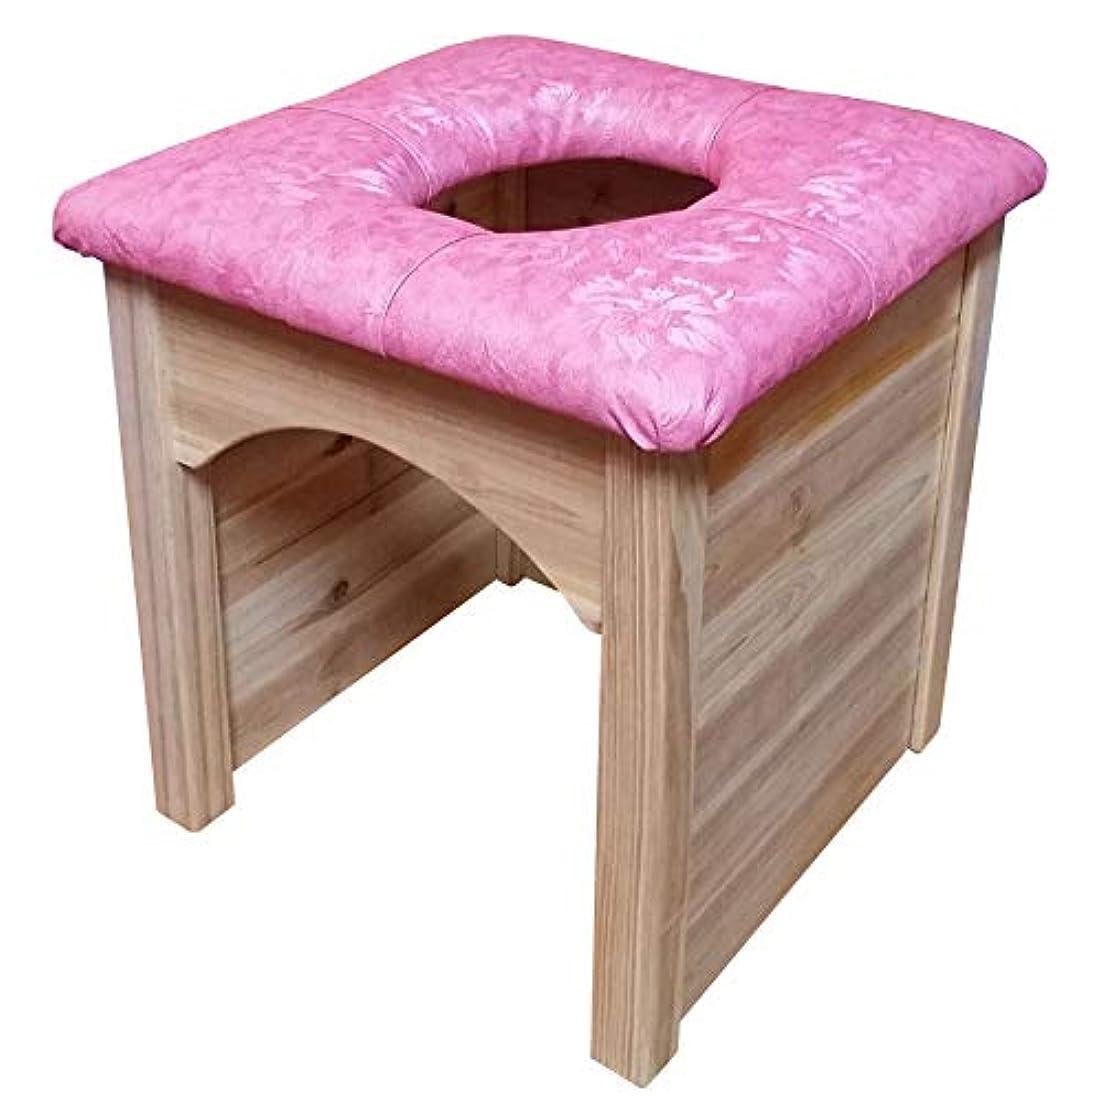 追加する常に一見よもぎ蒸しサロンの悪くなった椅子を切り替えたい経営者の為の椅子だけ販売